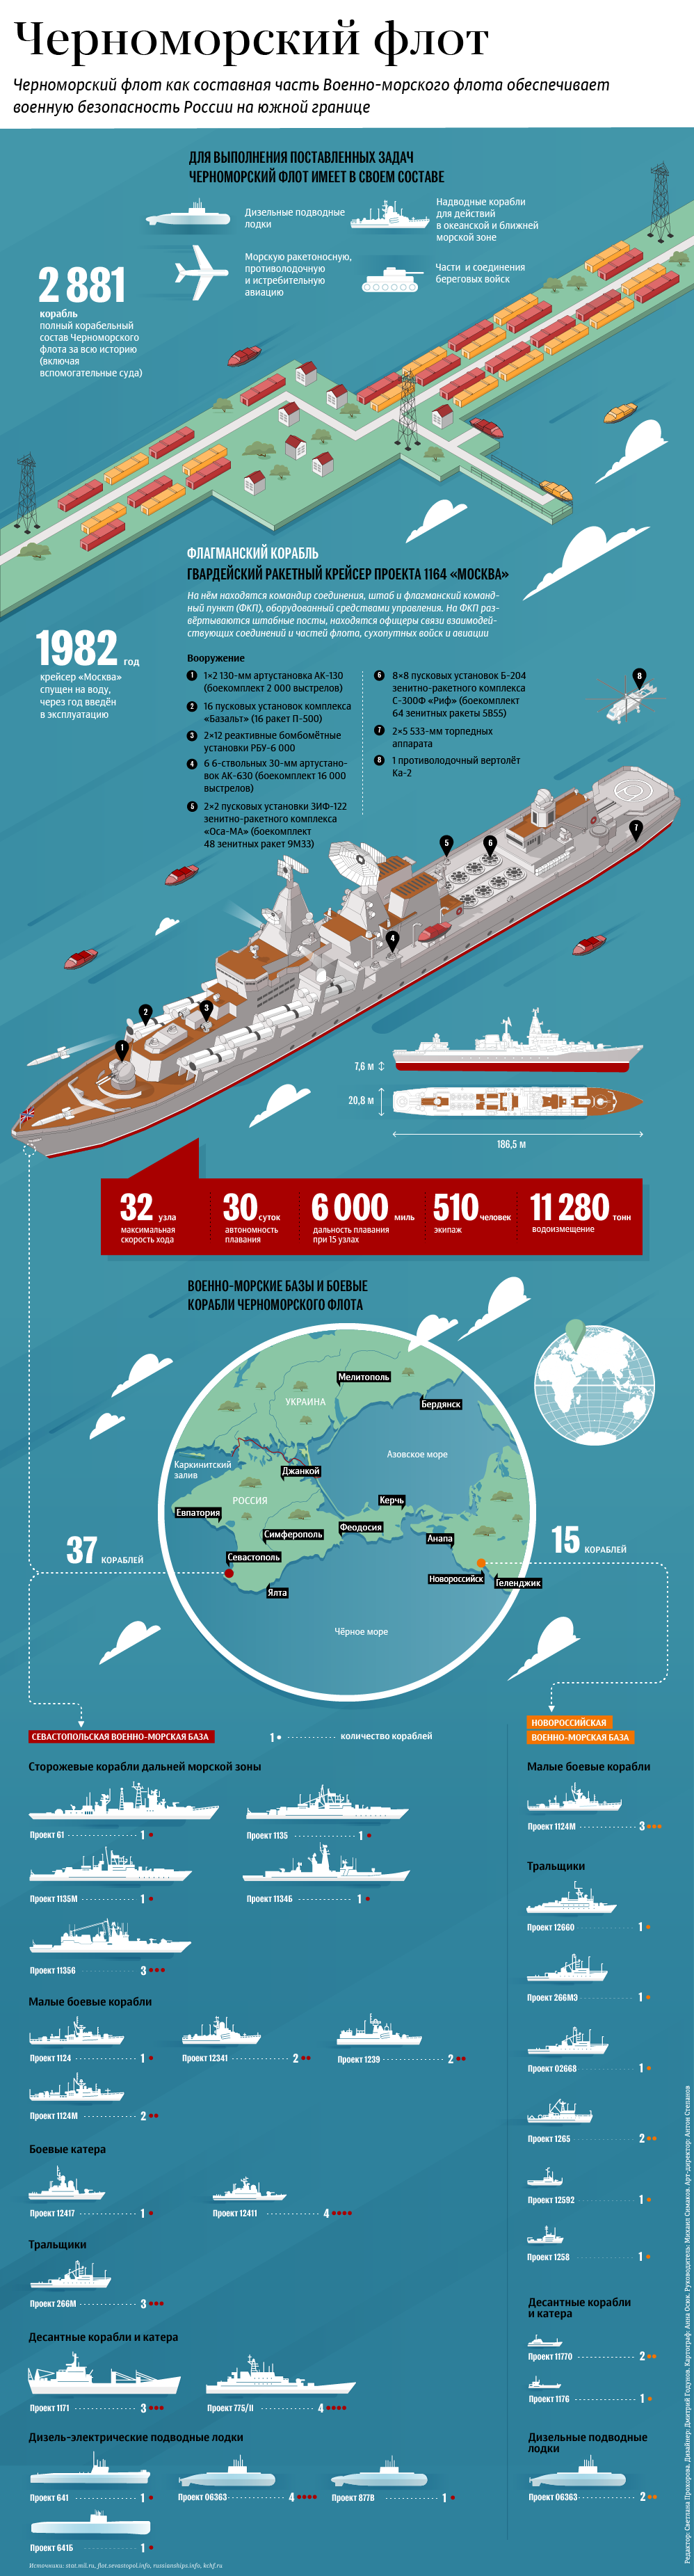 Черноморский флот инфографика